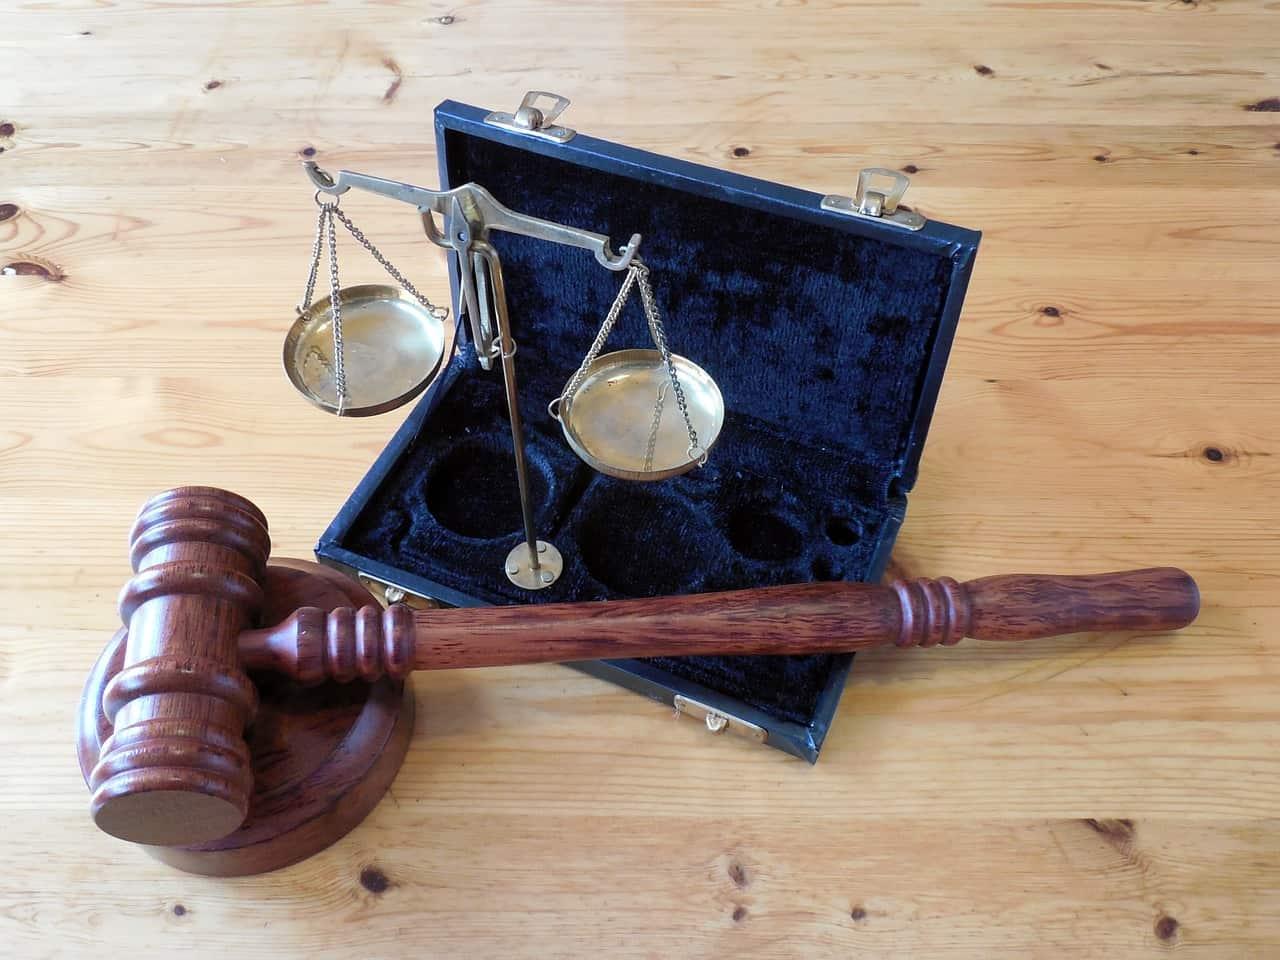 BAföG Betrug ist kein Kavaliersdelikt, sondern ist mit vielen Strafen belegt